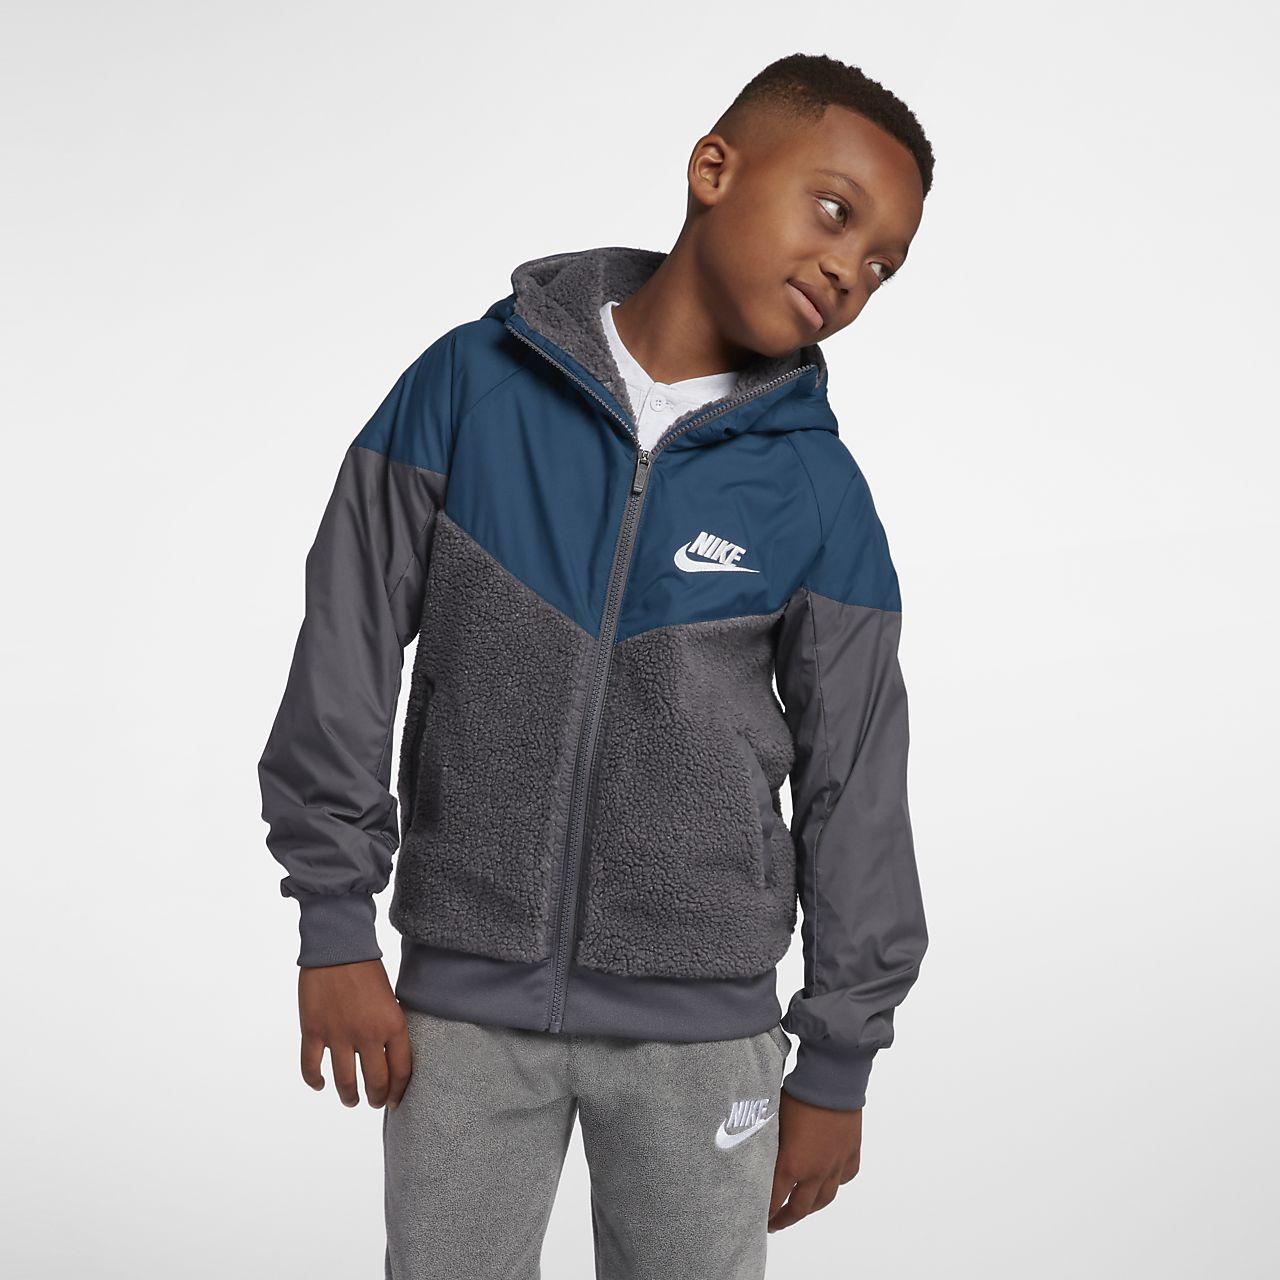 f8515778e49d Nike Sportswear Windrunner Boys  Sherpa Jacket. Nike.com